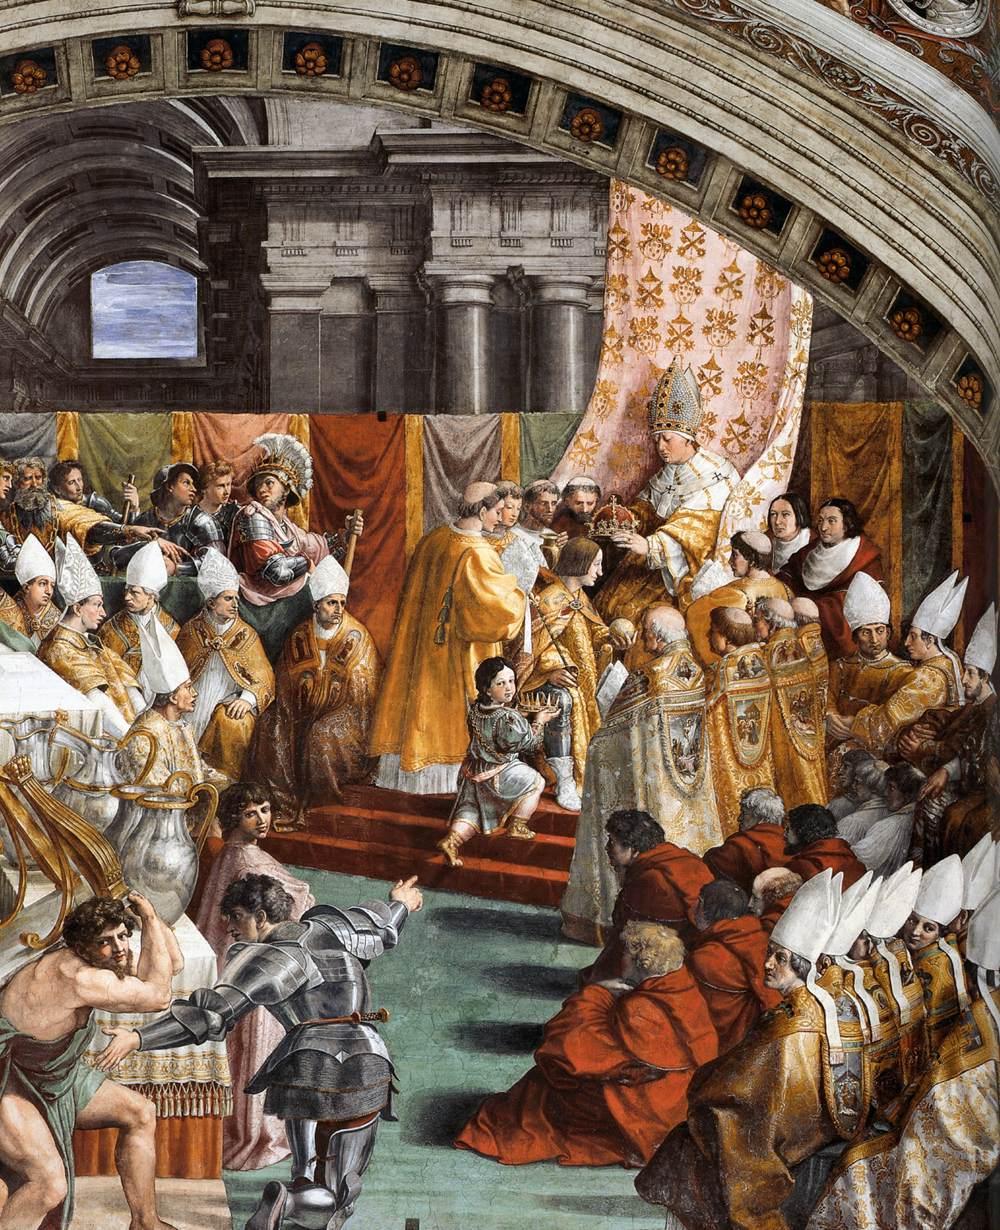 Die Krönung Karls des Großen, Fresko von Raffael, zwischen 1516 und 1517